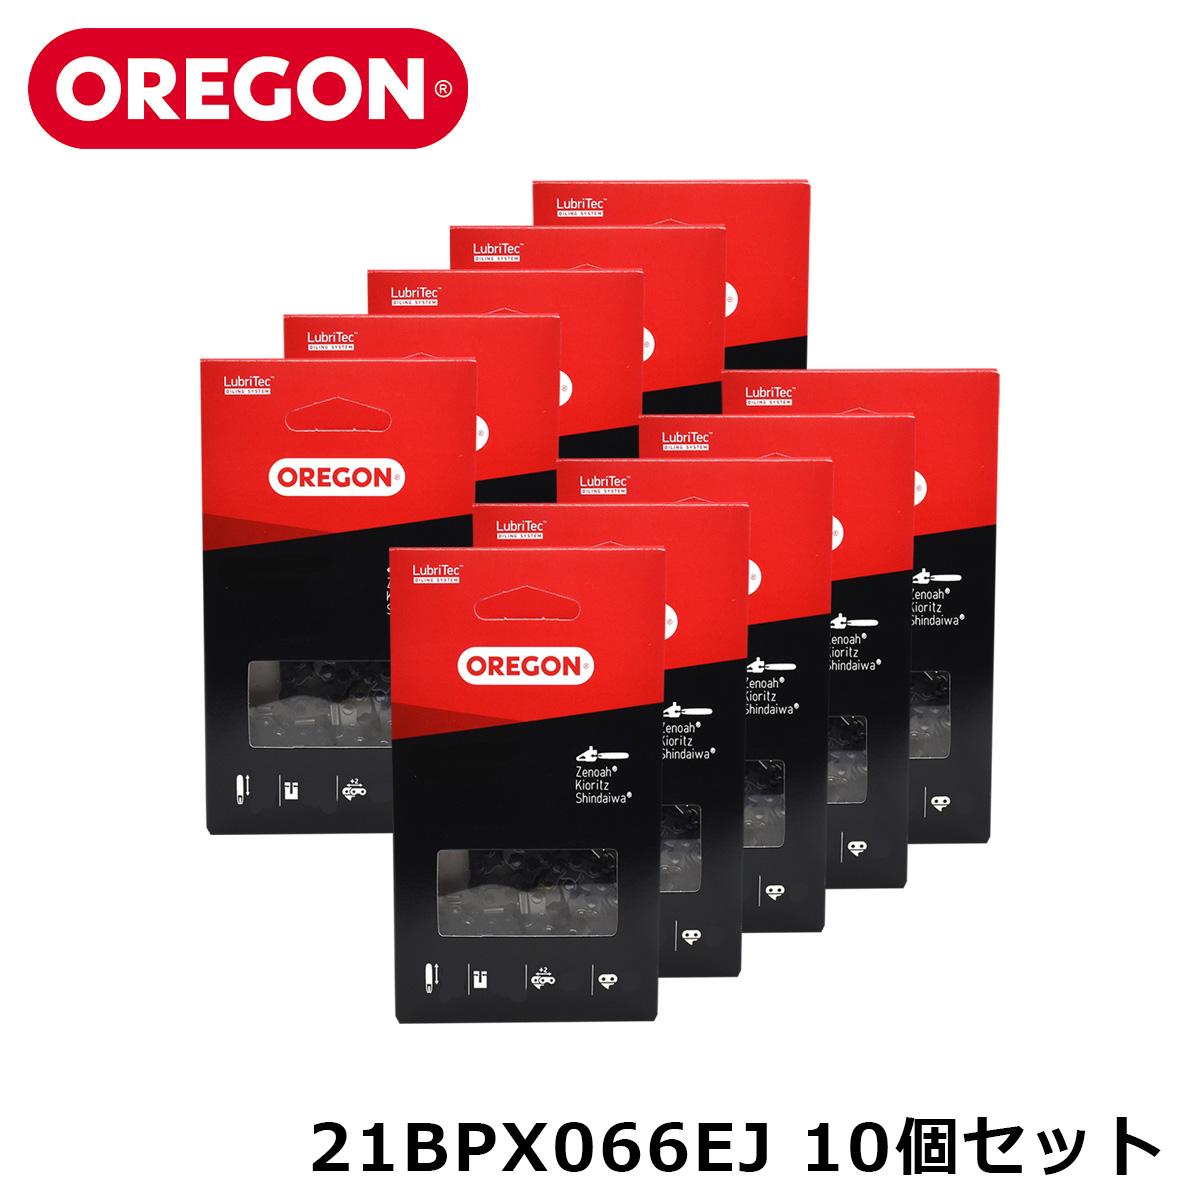 【10個セット】OREGON 21BPX066EJ ソーチェーン 替刃 正規品 パーツ チェンソー 21BPX コントロールカット オレゴン